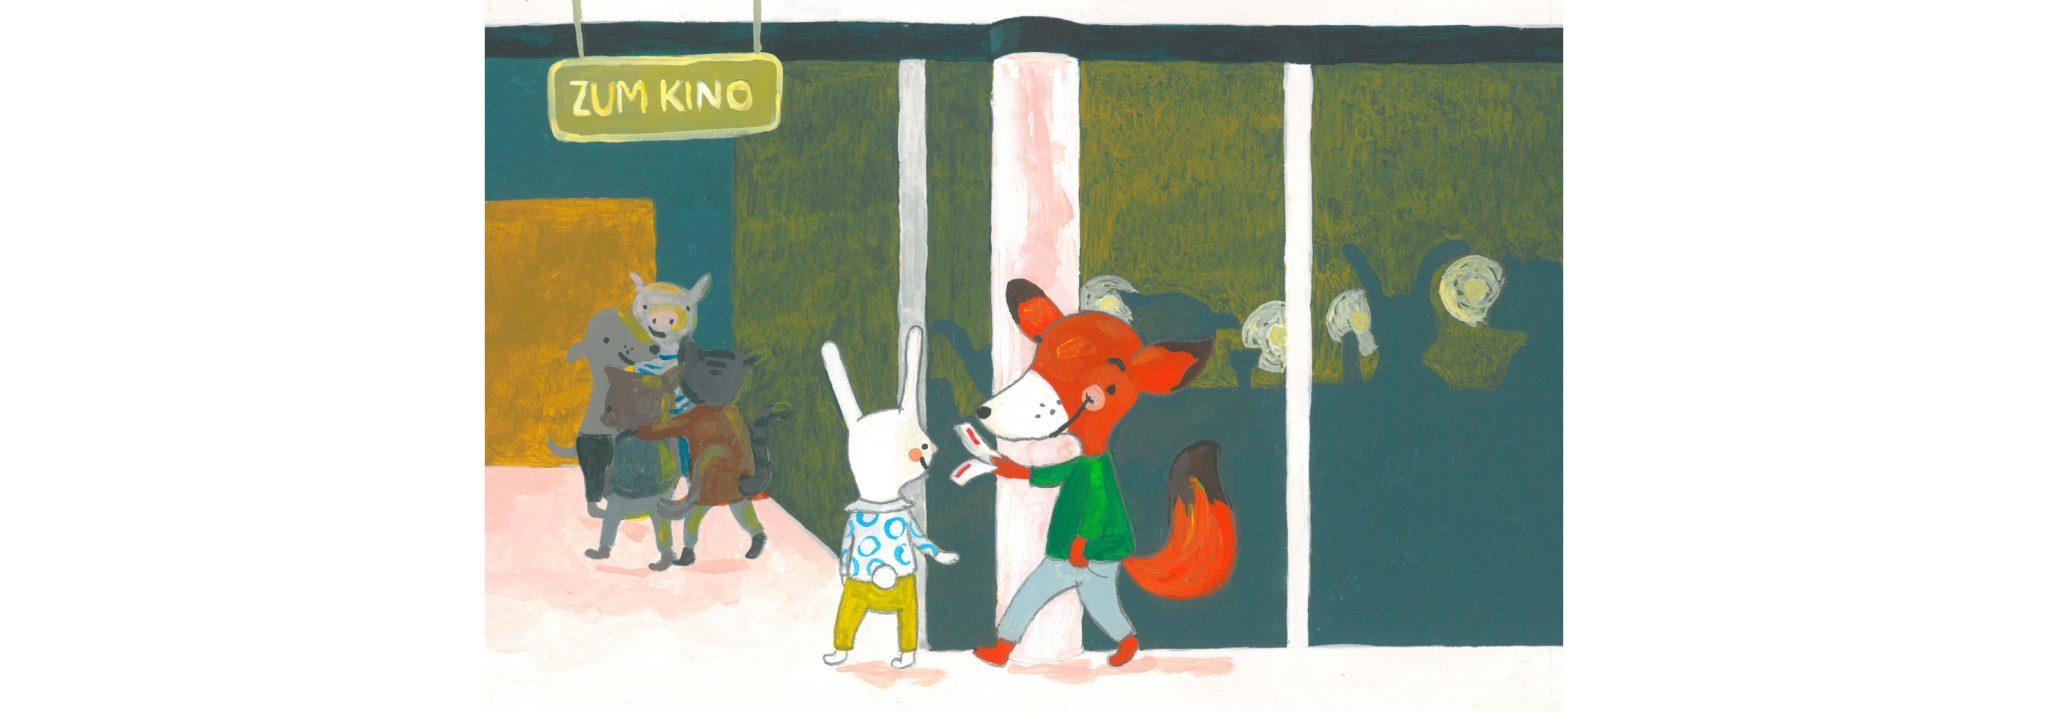 Illustration Antje Keidies